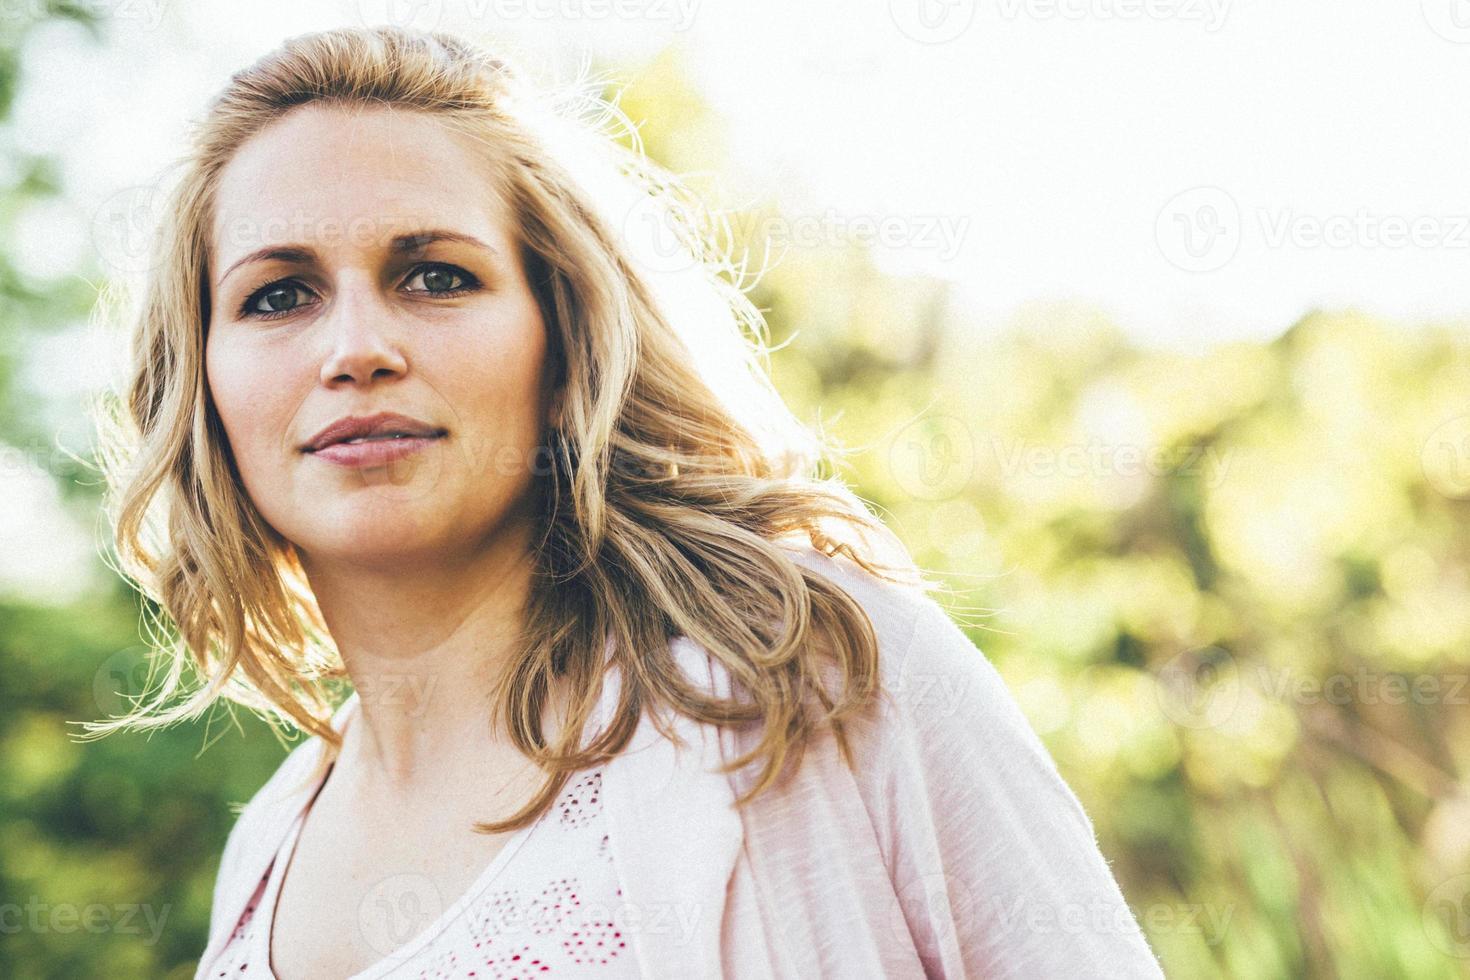 mulher jovem e bonita sorrindo ao ar livre durante o verão foto